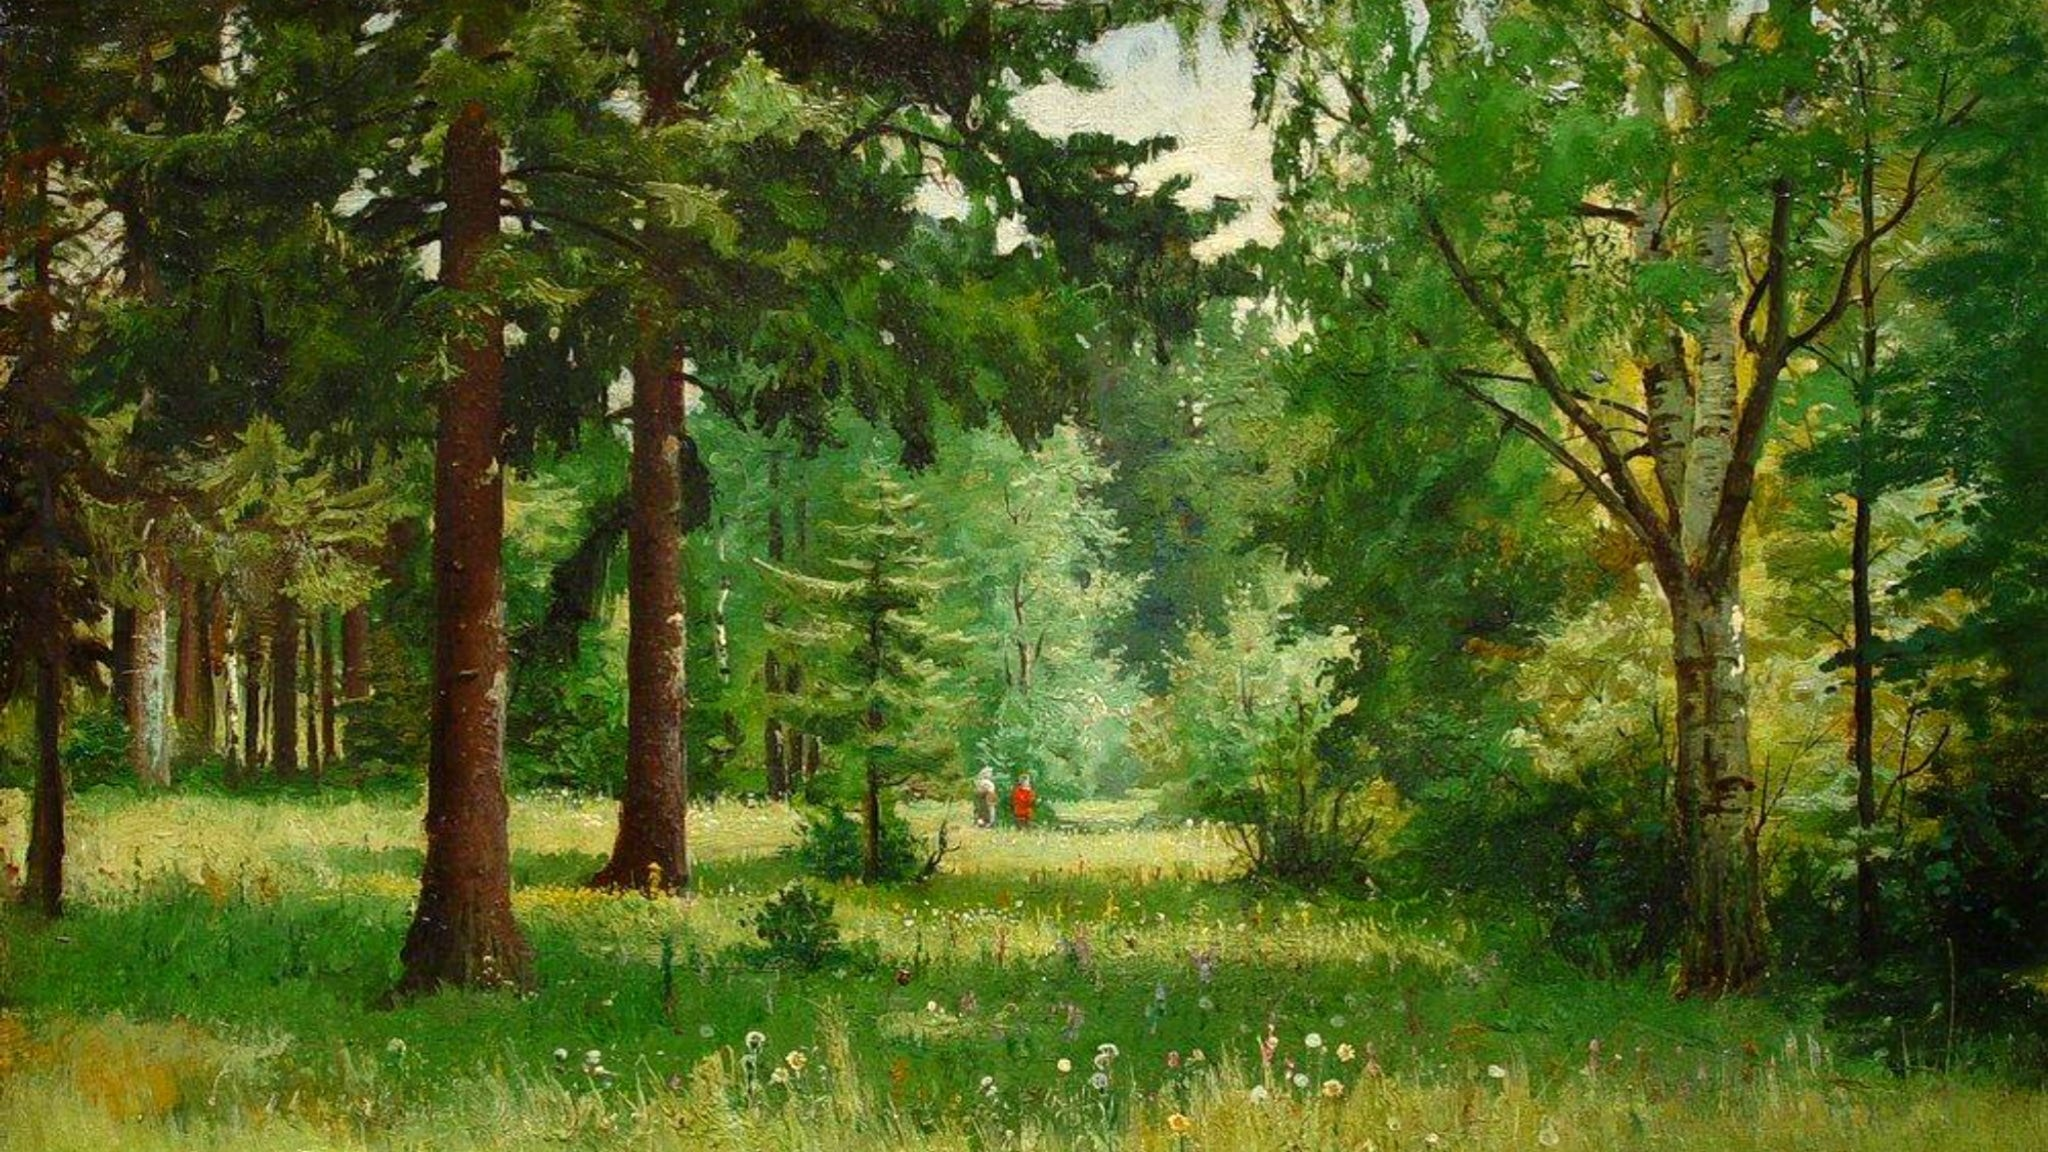 'Barn i skogen'. Ivan Shishkin (1832-1898)